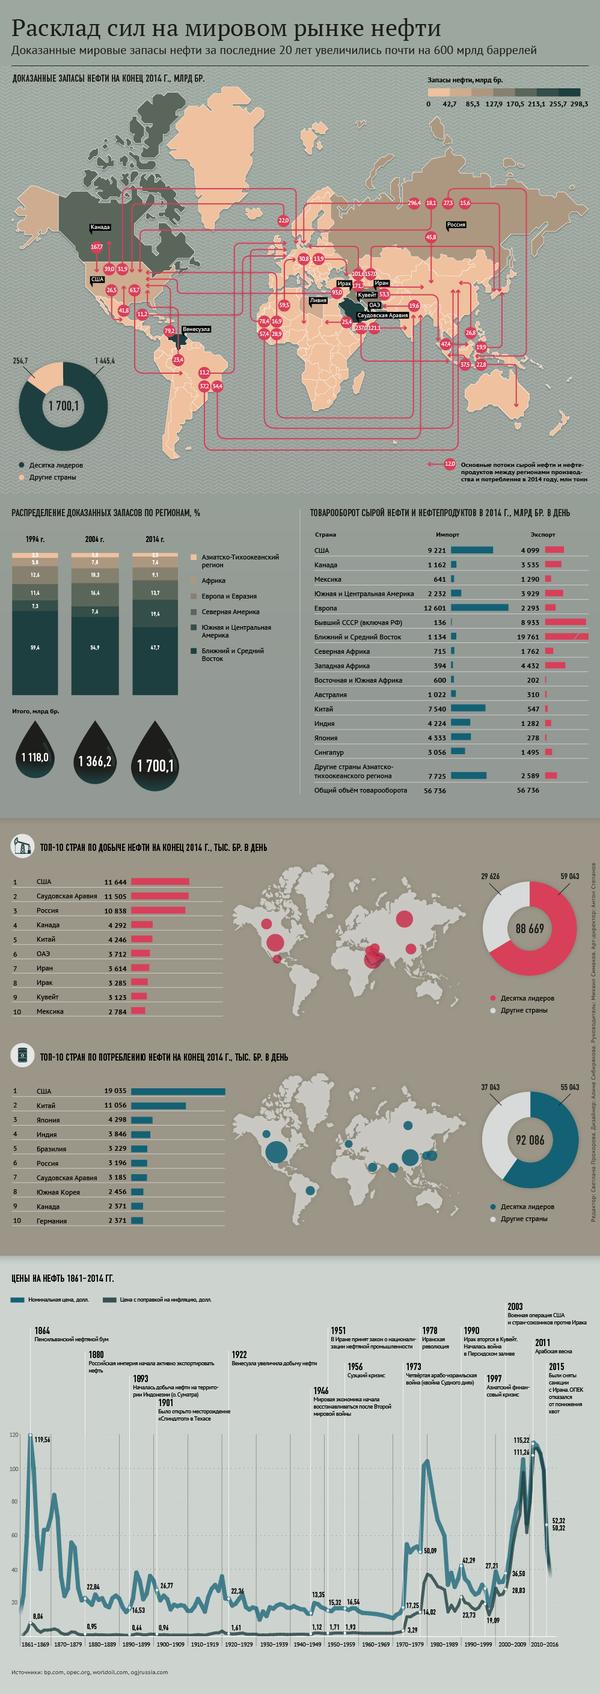 Расклад сил на мировом рынке нефти - Sputnik Азербайджан